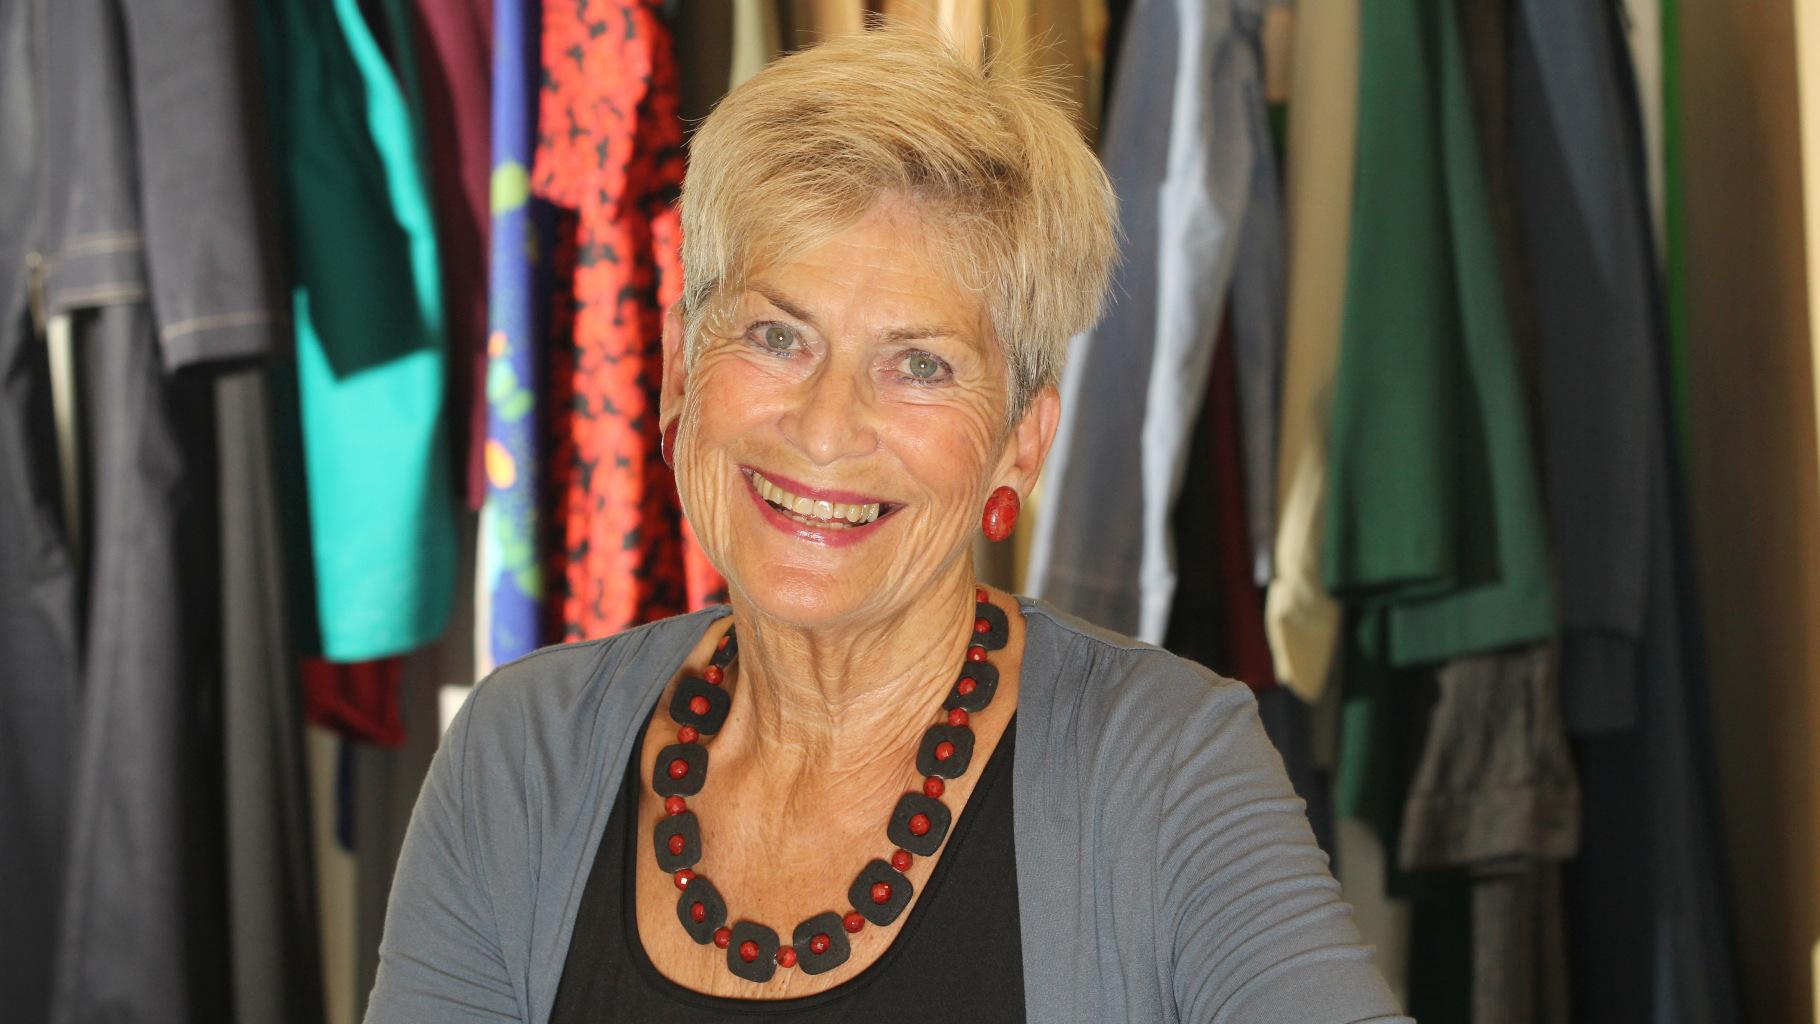 die Ehrenamtliche Edeltraut Janke aus dem Oxfam Shop Nürnberg